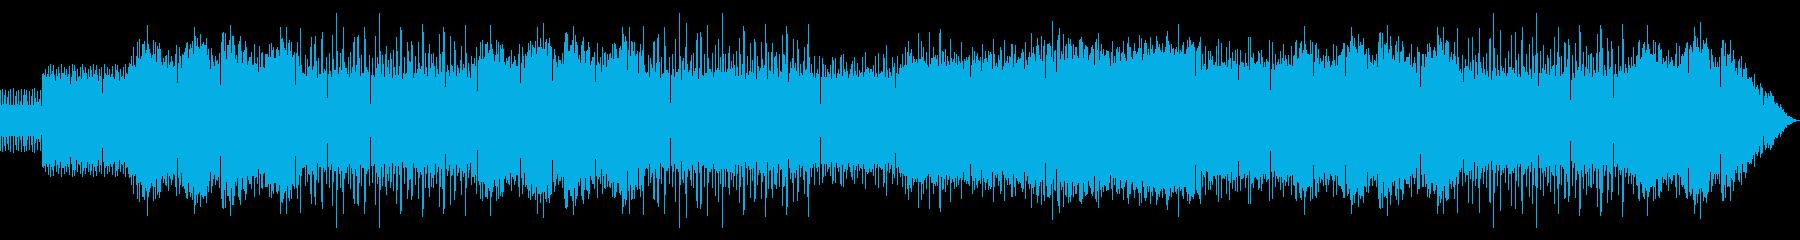 高次元空間の数学的解釈 テクノの再生済みの波形